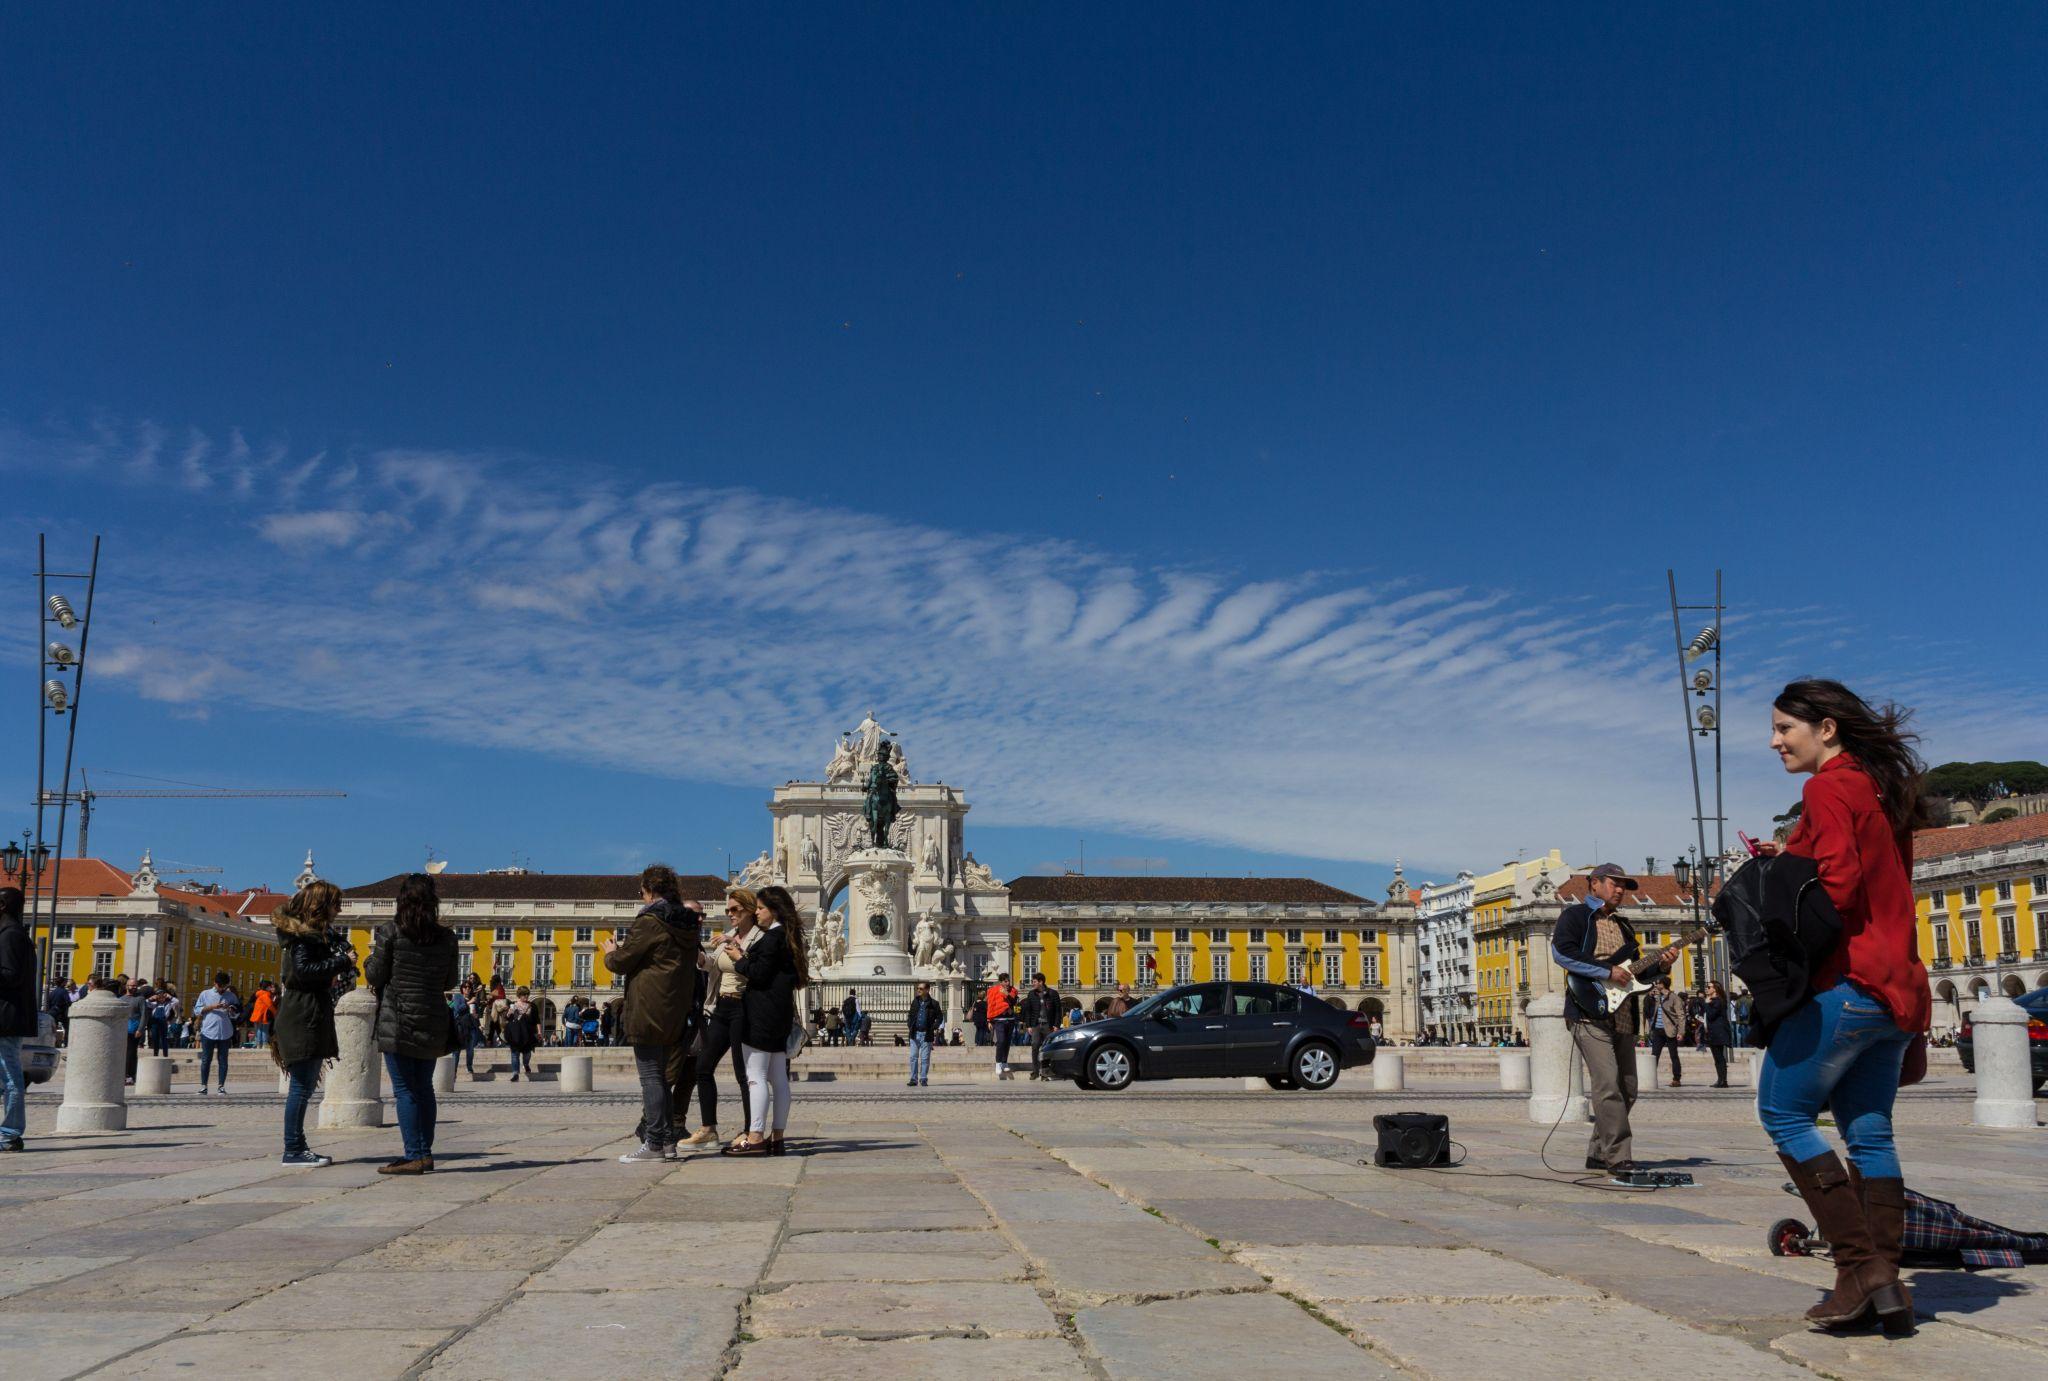 Praça do Comércio as seen from Cais das Colunas, Portugal